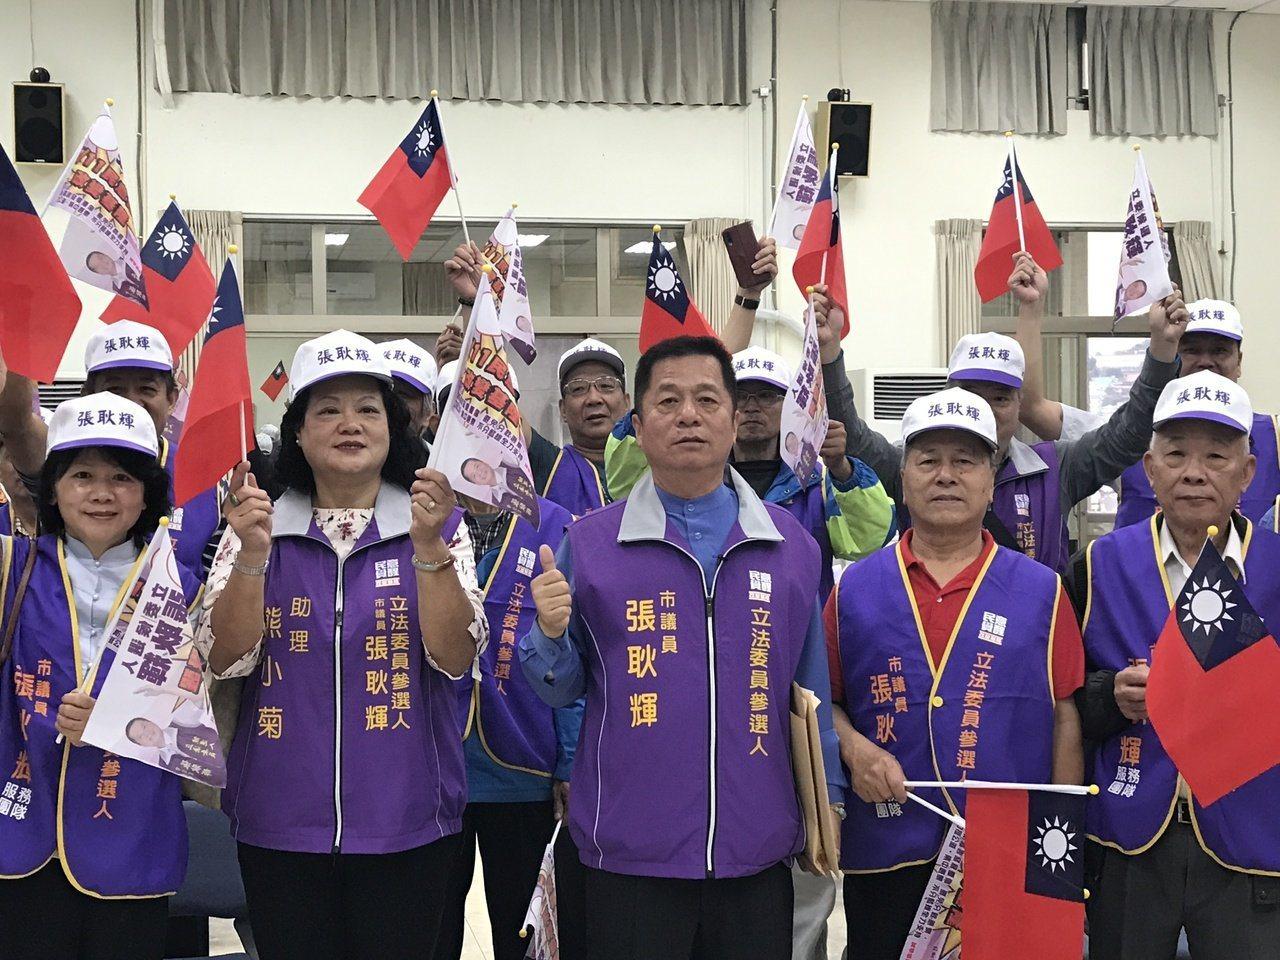 無黨籍立委參選人張耿輝。圖/報系資料照